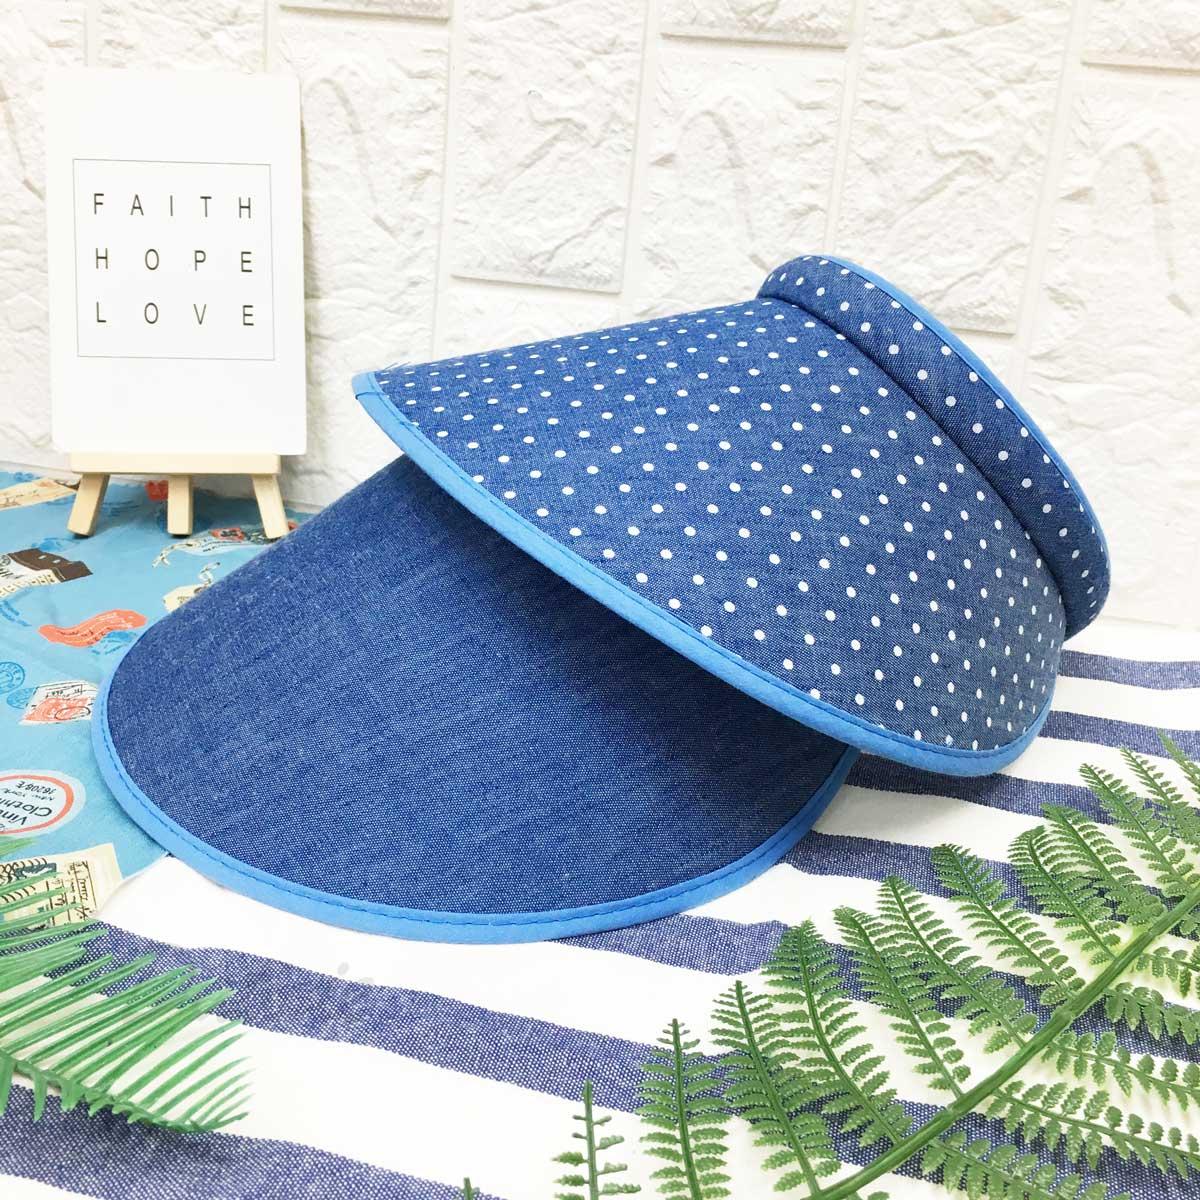 髮箍遮陽帽 點點 素面 帽沿包邊配色 內裡毛料 帽子 空頂帽